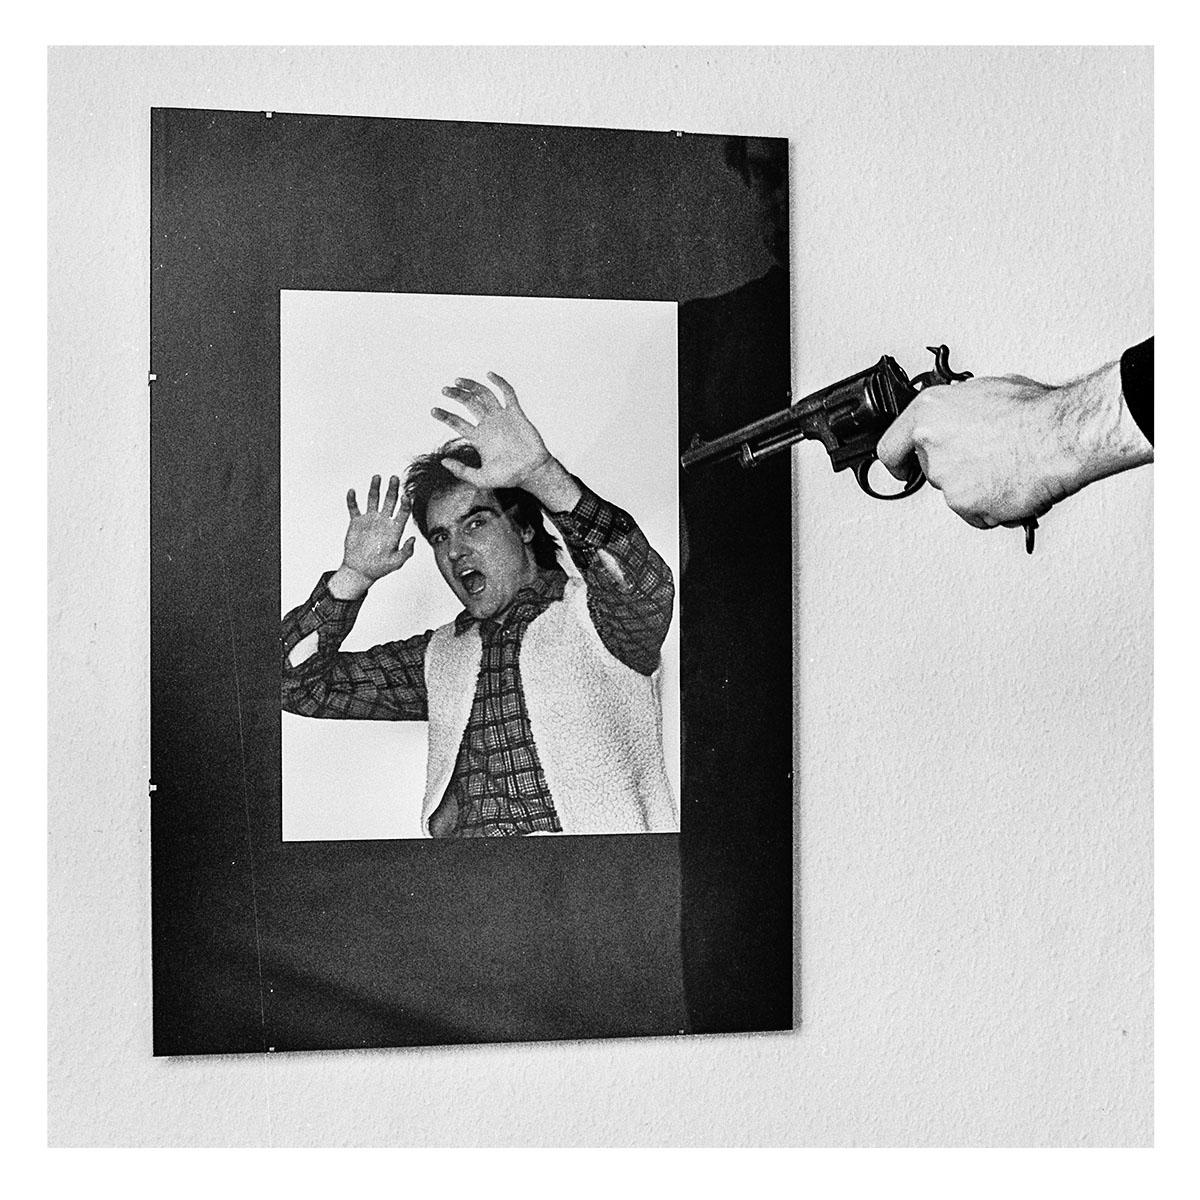 Klaus Bauer: Kunststudium und Fotodesign